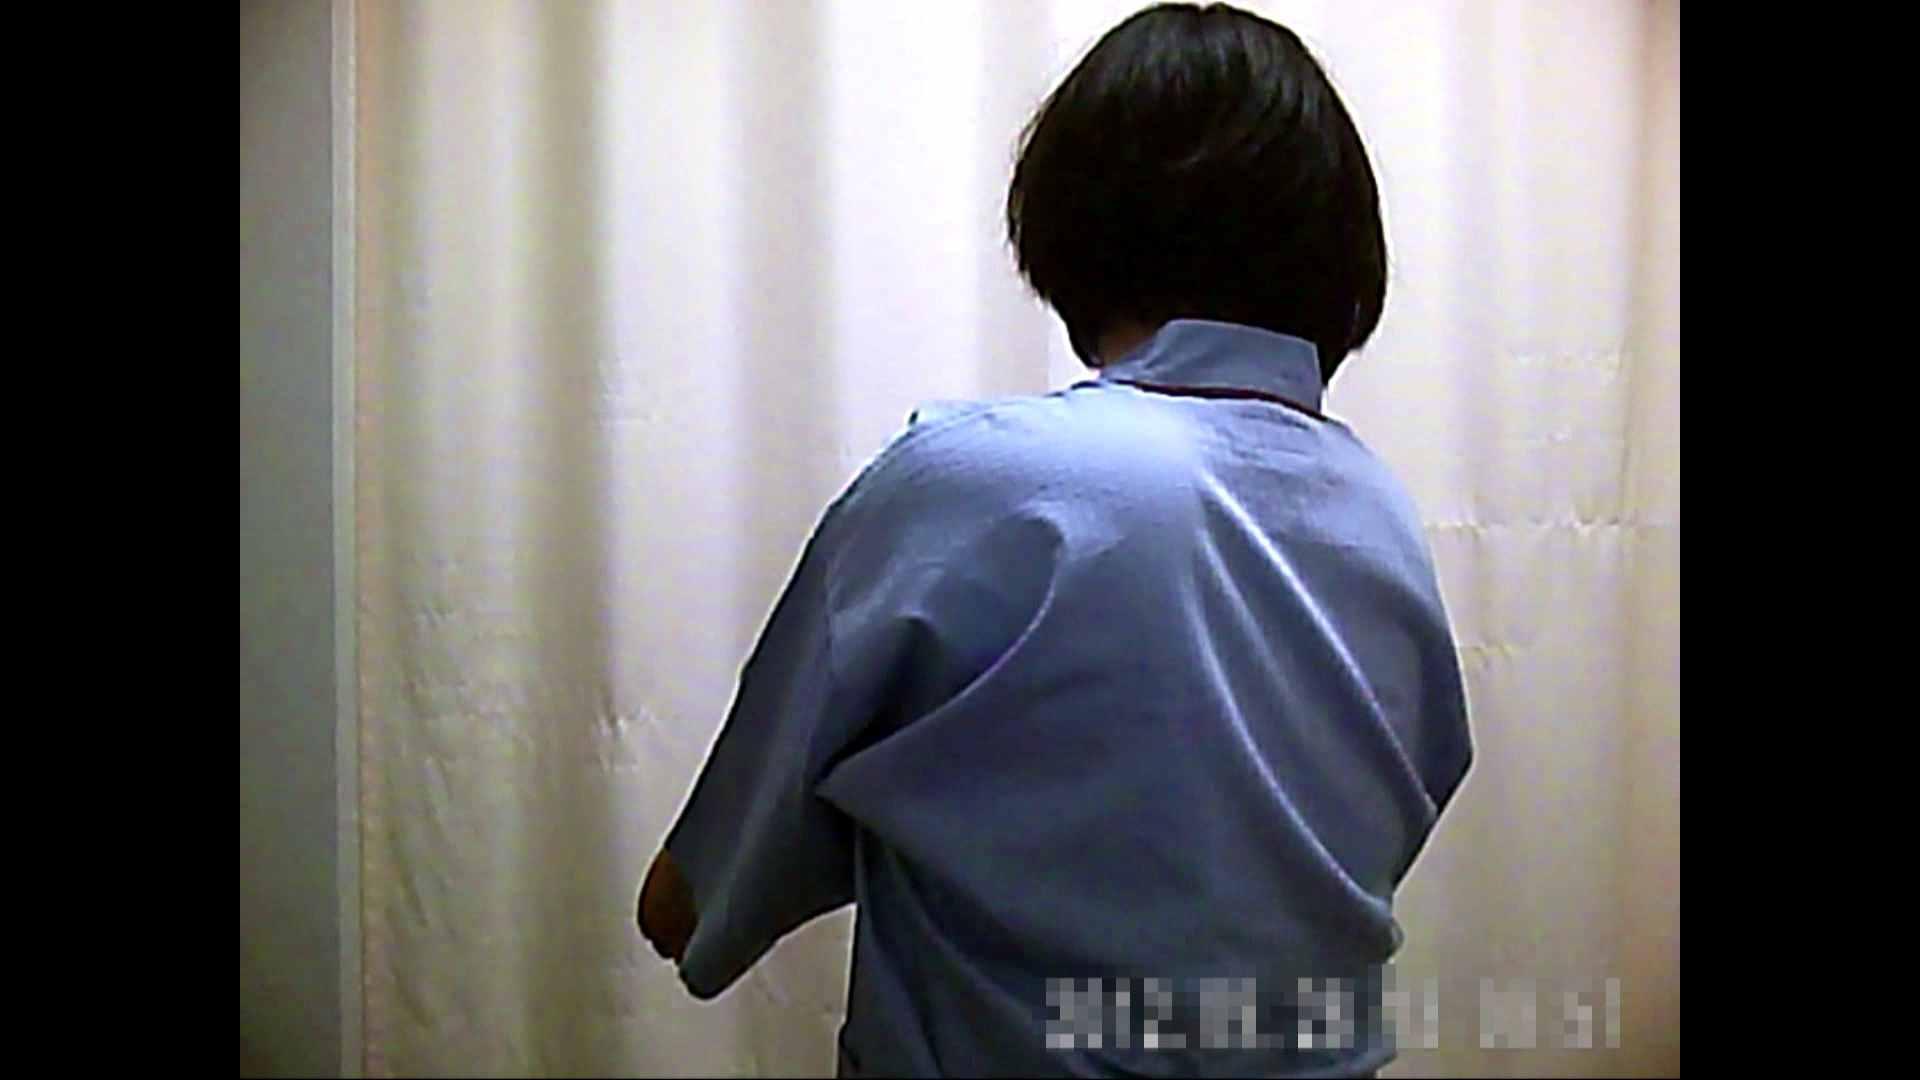 元医者による反抗 更衣室地獄絵巻 vol.072 OLの実態  89pic 70